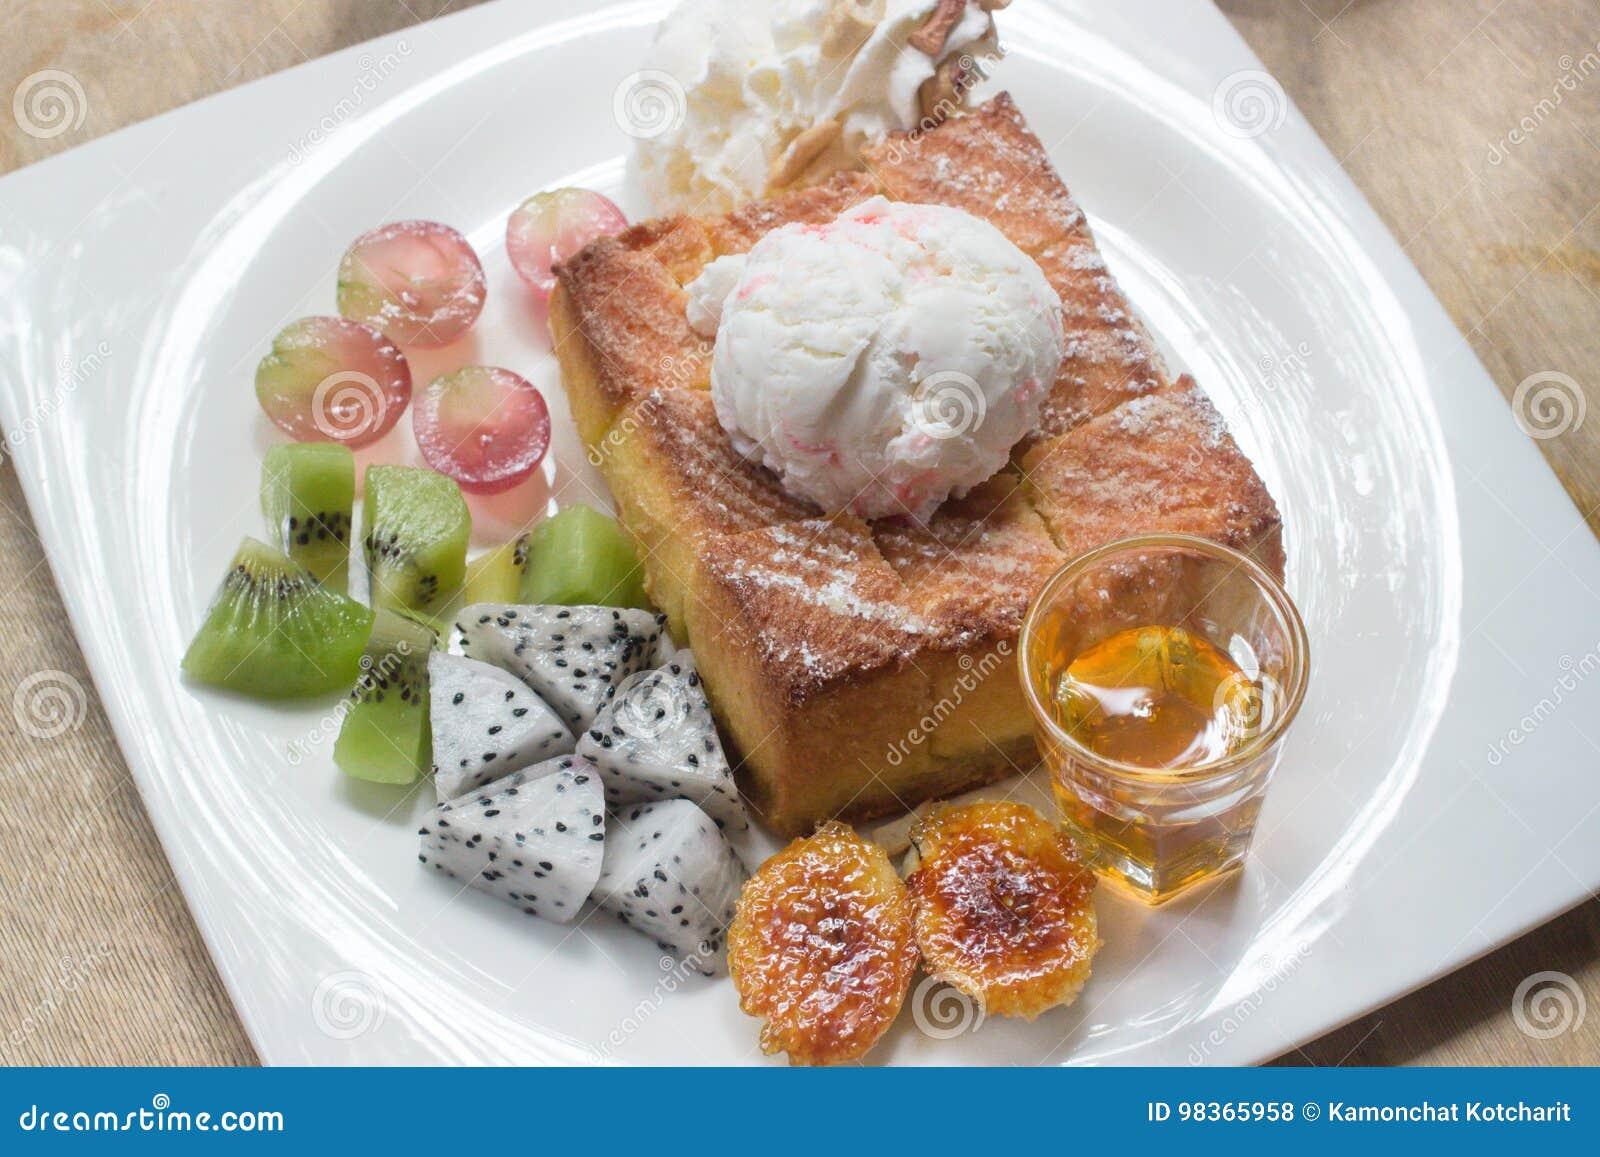 Honey toast on white dish